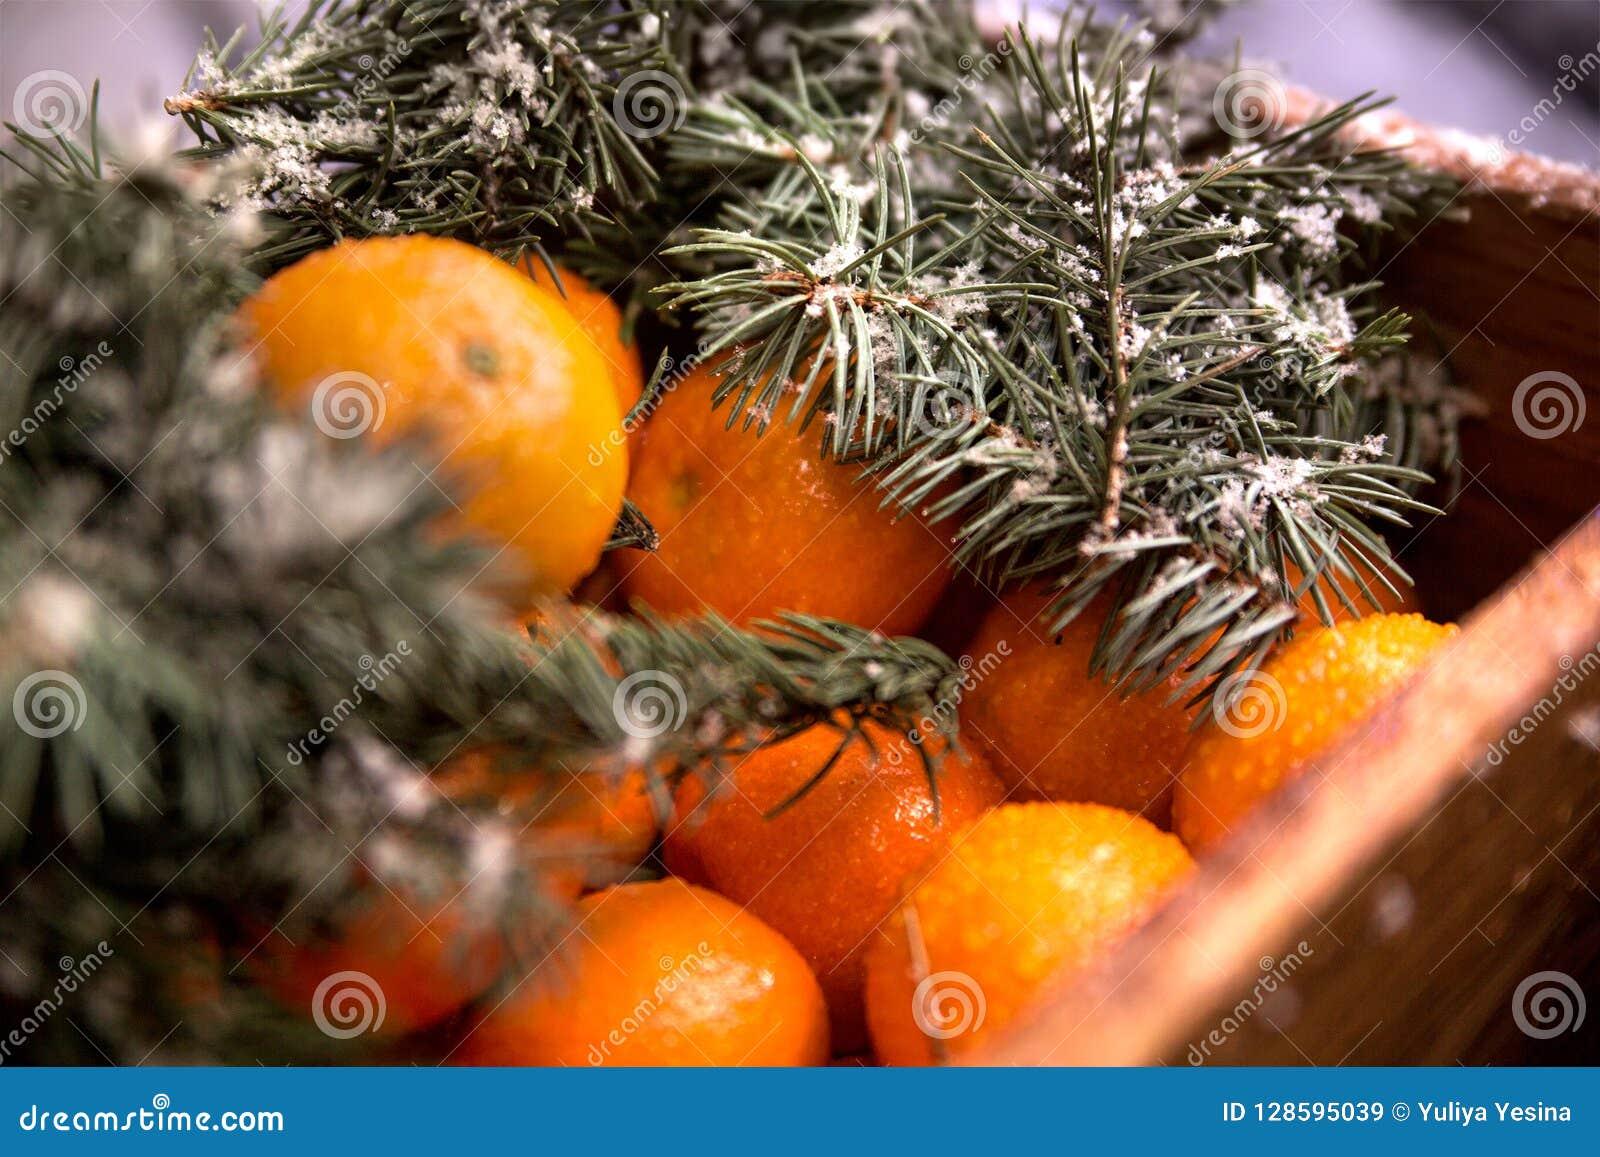 Caixa de madeira com tangerinas